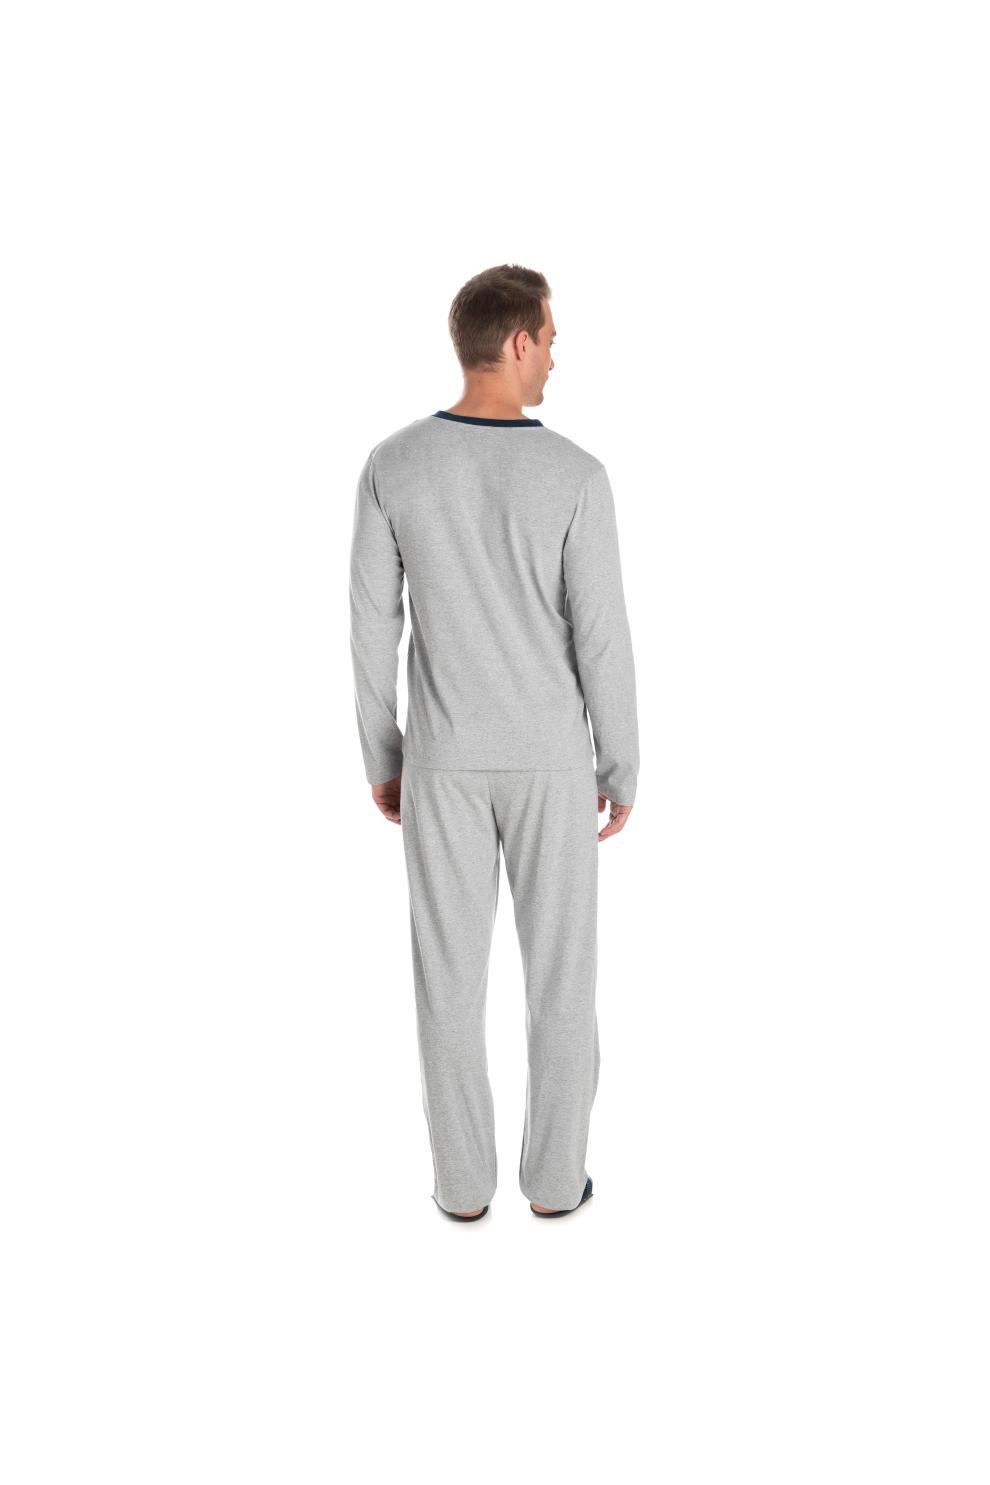 208/B - Pijama Adulto Masculino Aberto